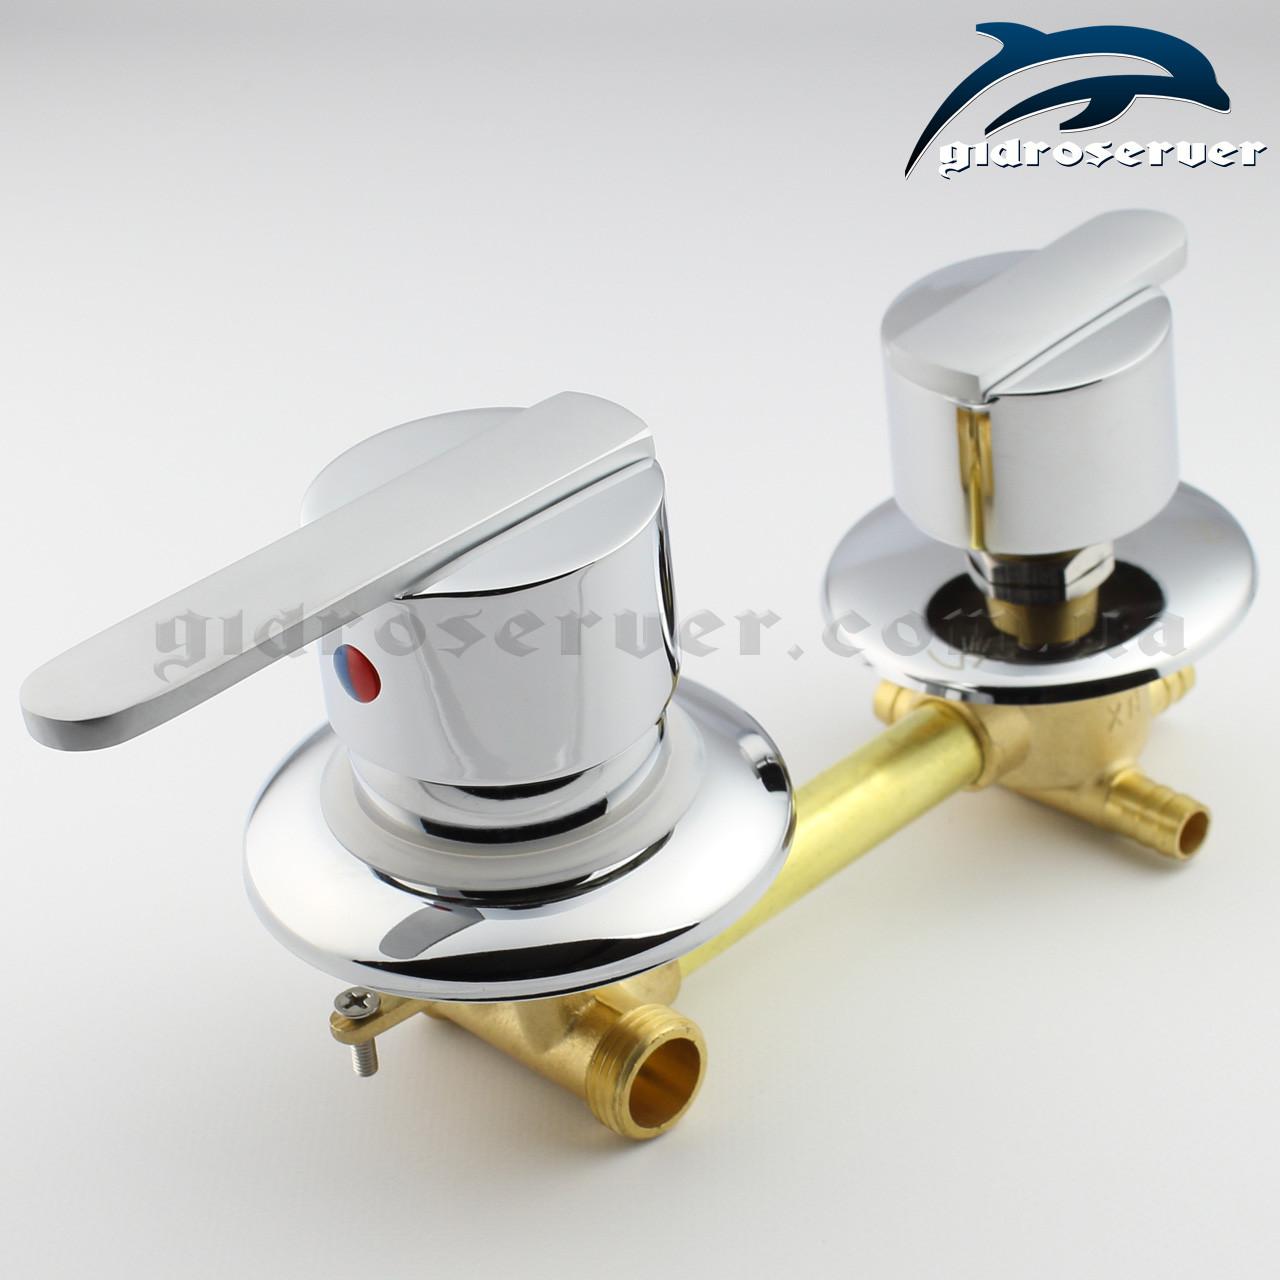 Смеситель для душевой кабины, гидромассажного бокса S 3 - 120 мм.